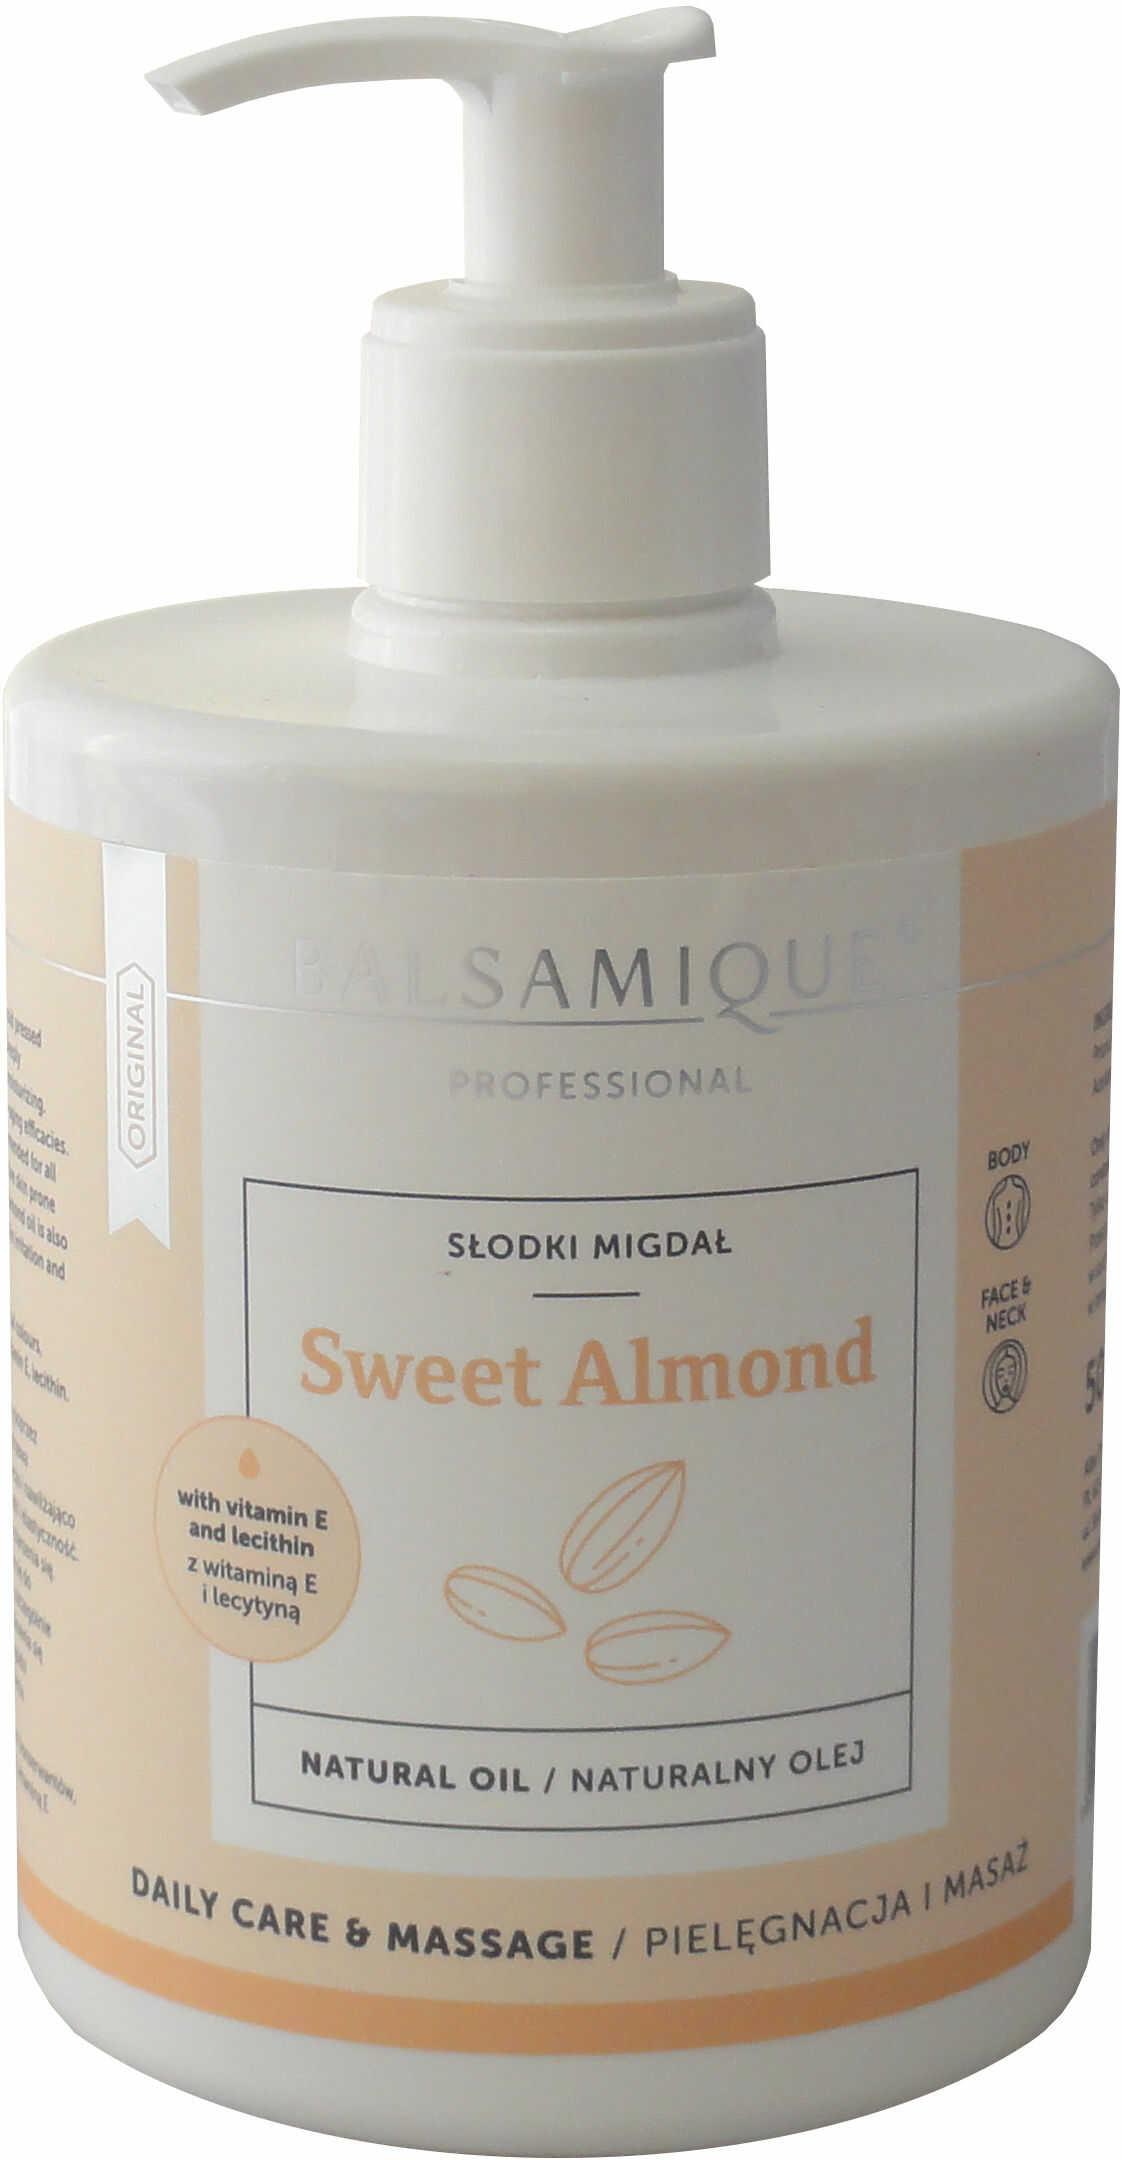 Naturalny olej do masażu ze słodkich migdałów